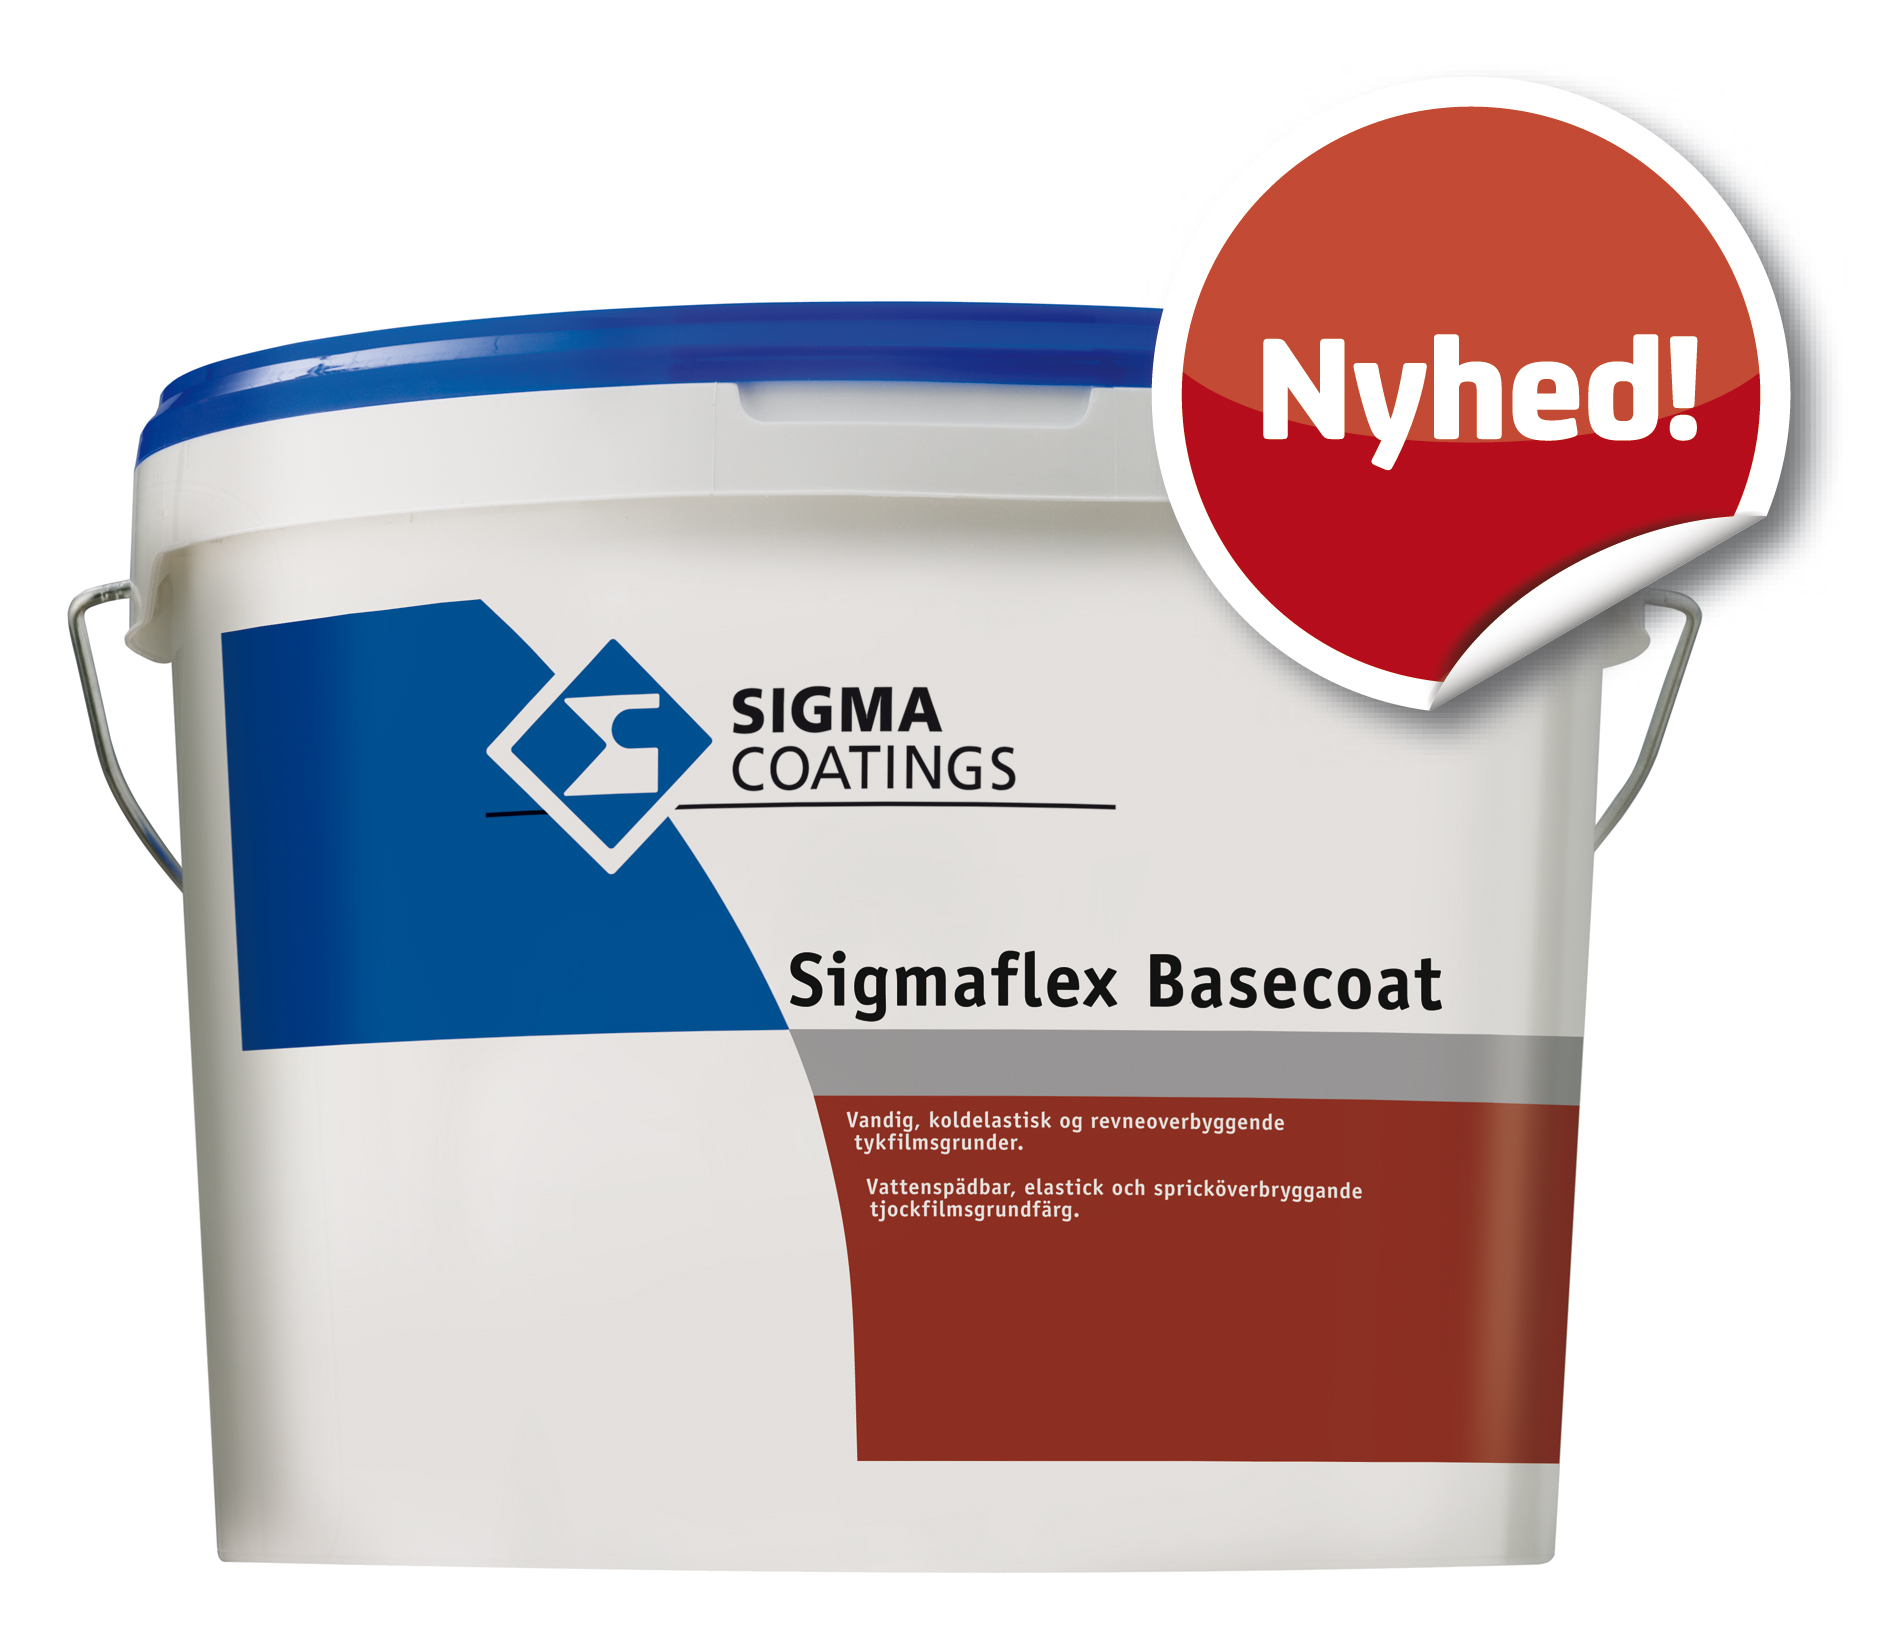 Sigmaflex Basecoat